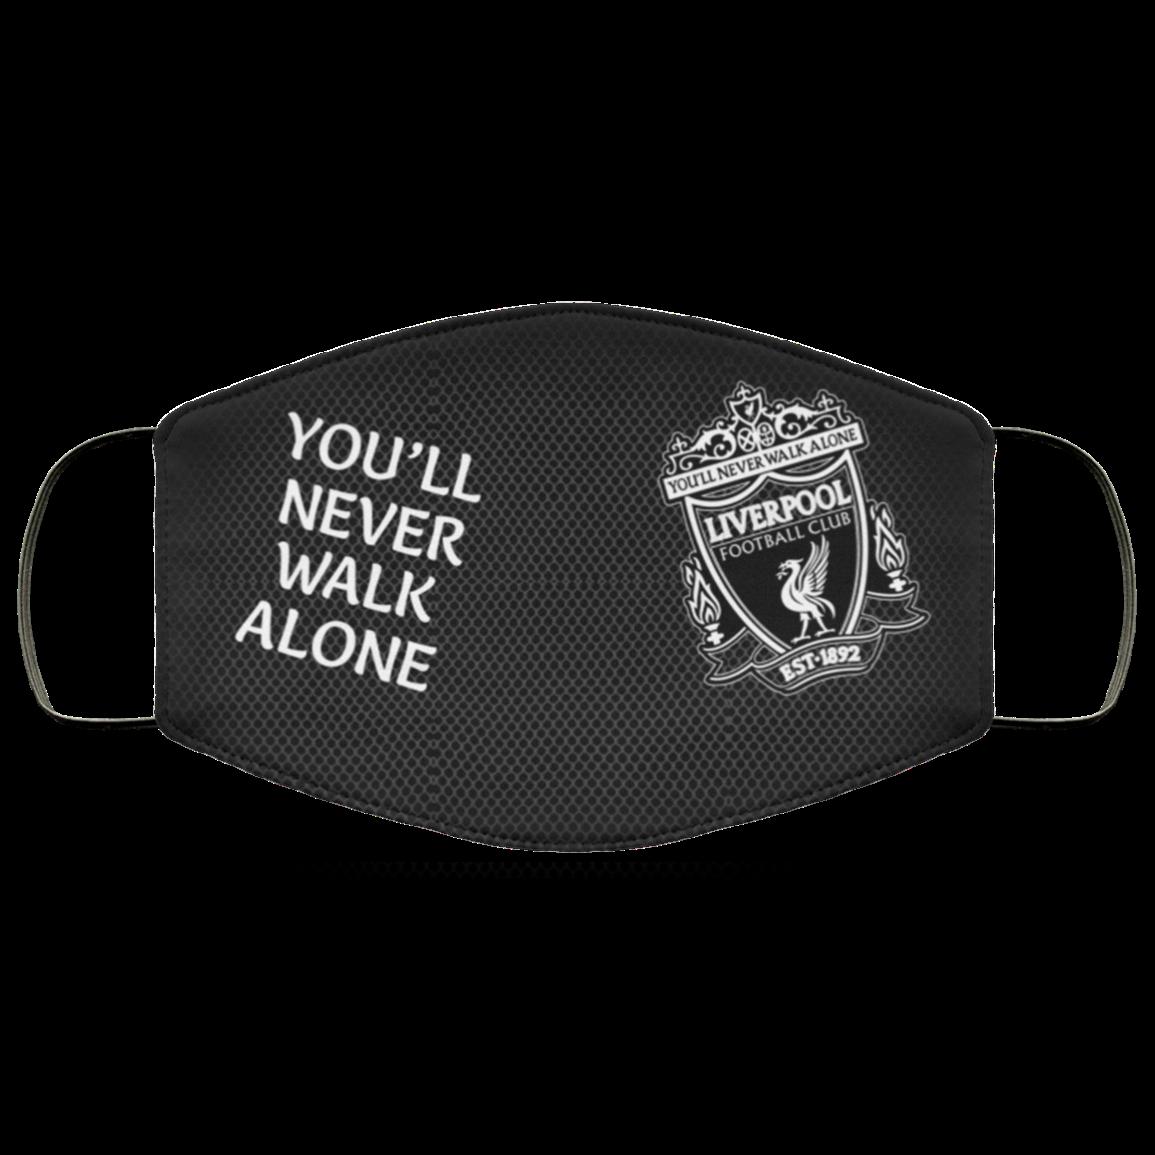 Premier League Champions 2020 Liverpool Fc Face Mask